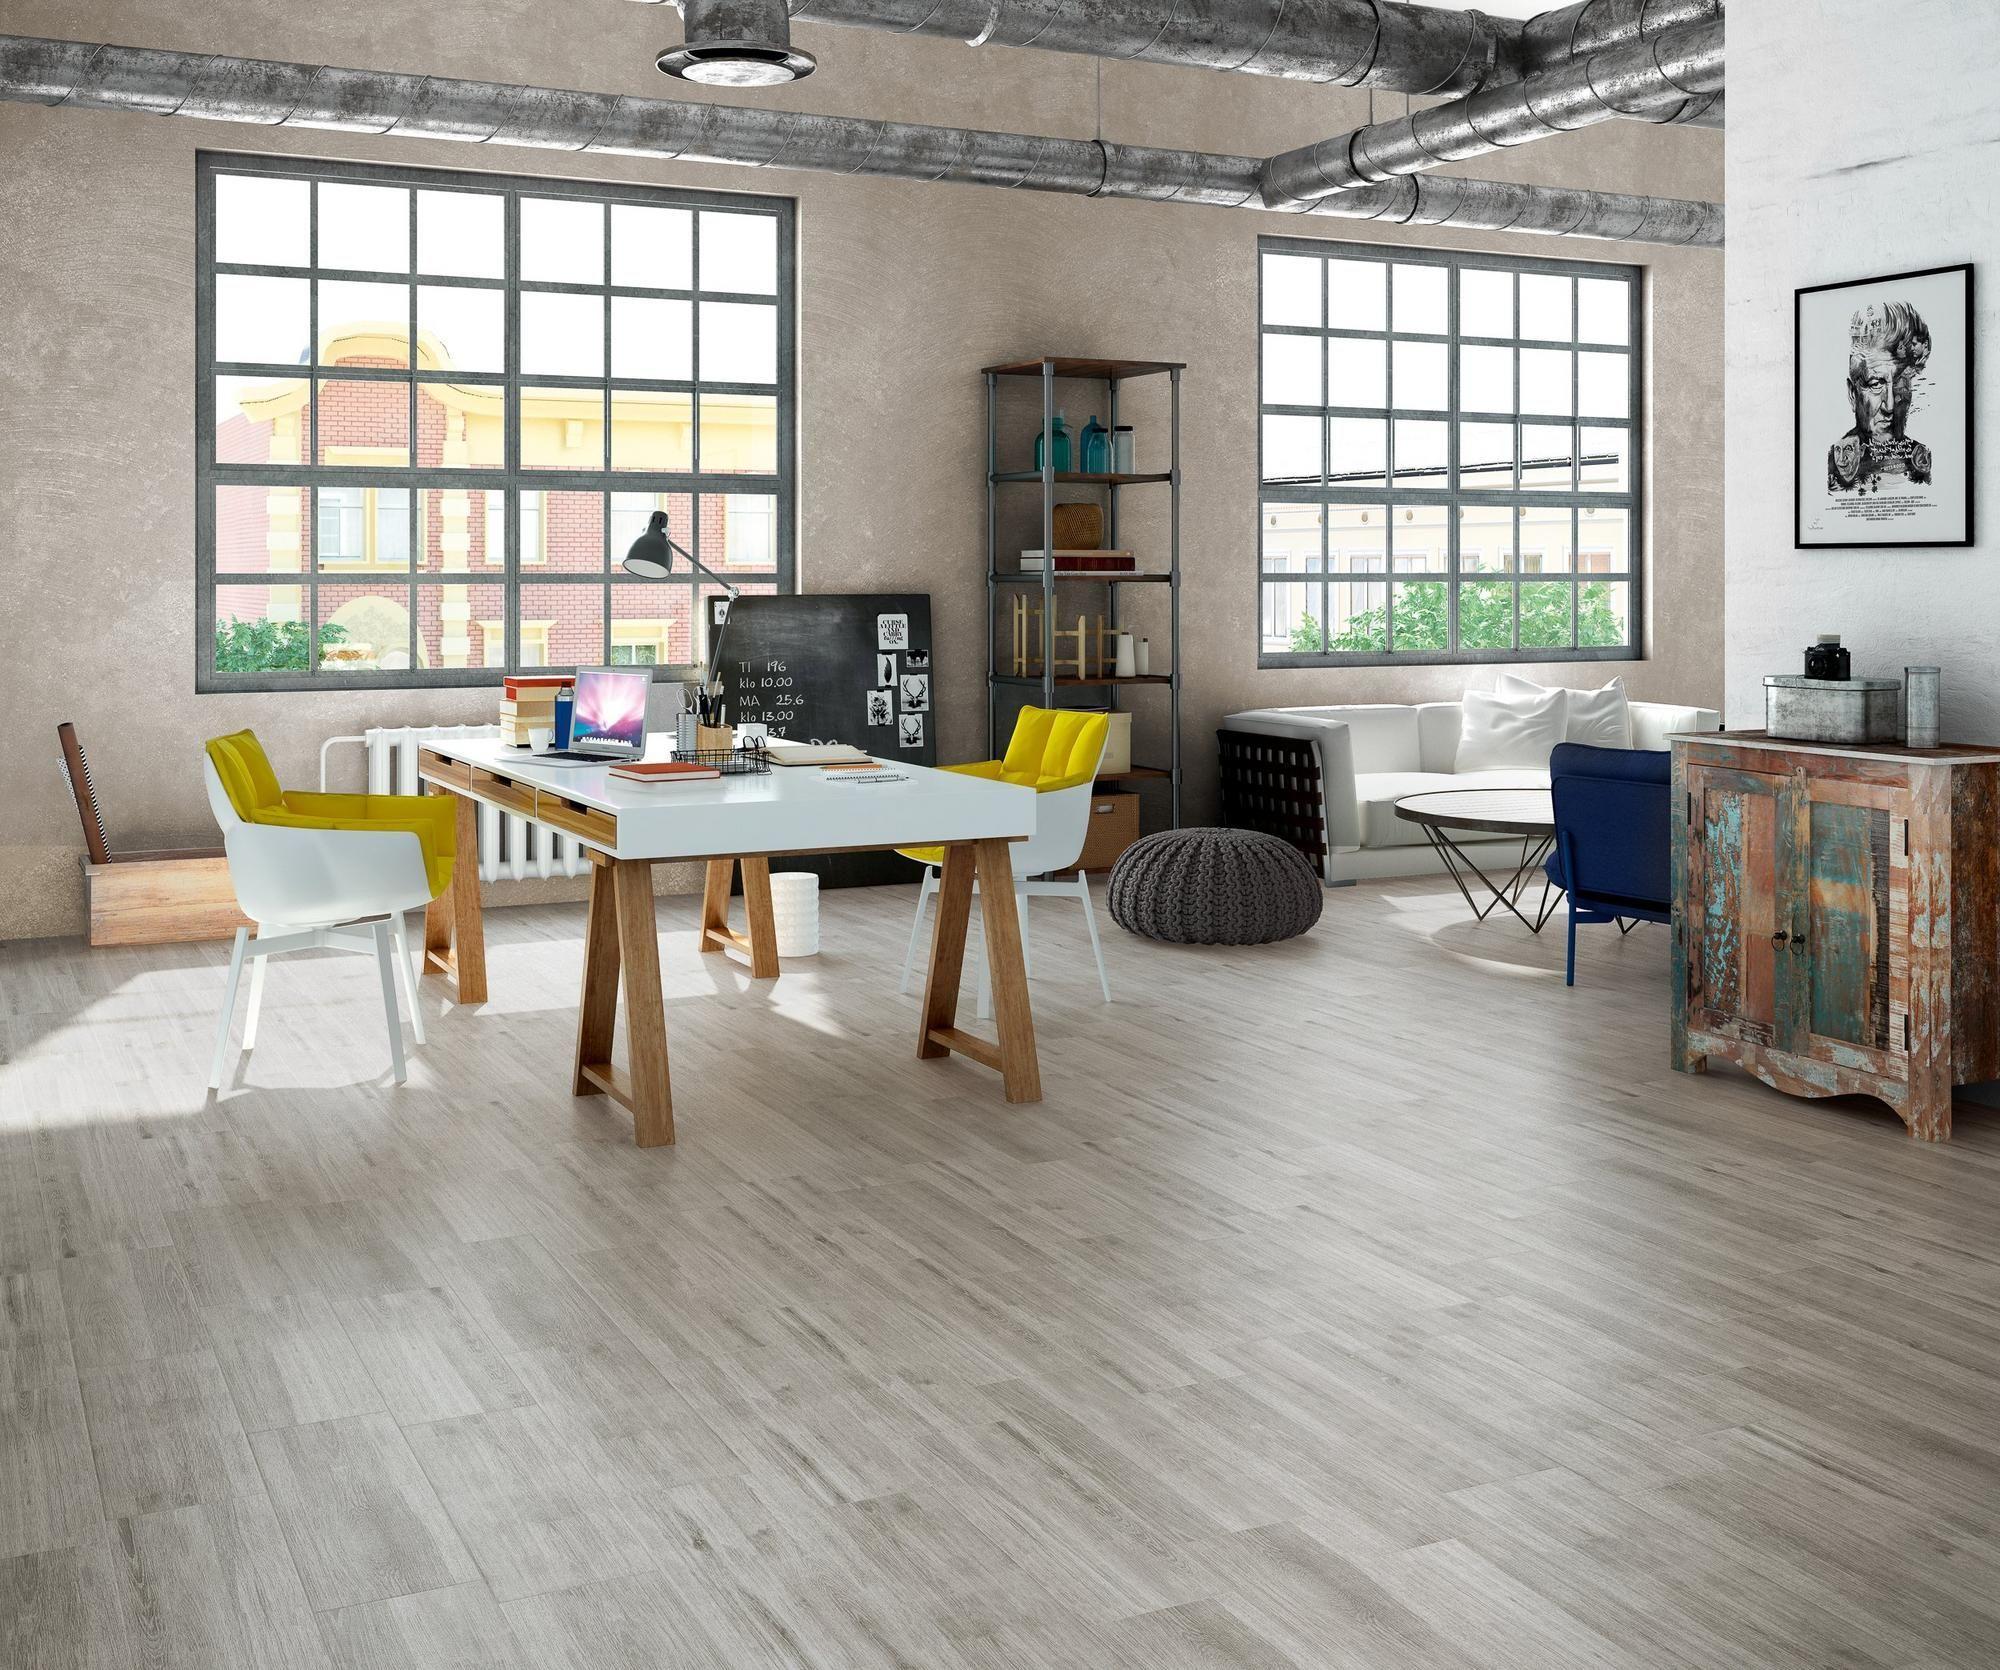 How to Decorate Ceramic Tiles Ceramic tiles, Decor, Wood